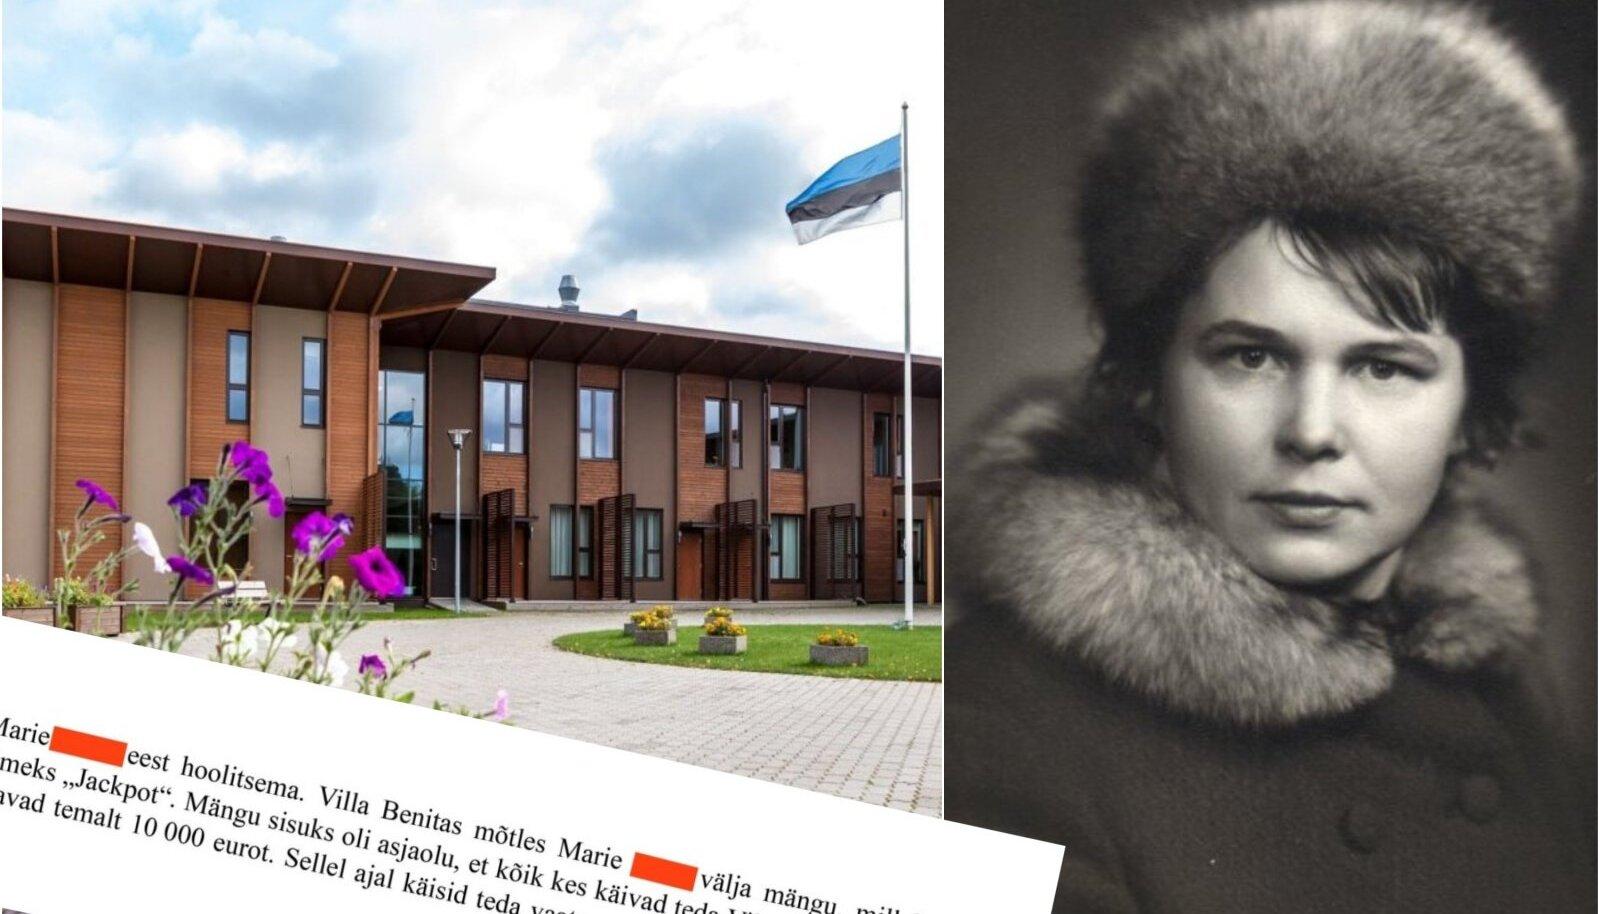 """LOOSIÕNN NAERATAS: Politsei kirjutas üles hooldaja jutu, kuidas Marie (fotol nooruspõlve pildil, mis talle endale väga meeldis) korraldas noobli erahooldekoduna tuntud Villa Benitas """"Jackpoti"""" loosimisi."""